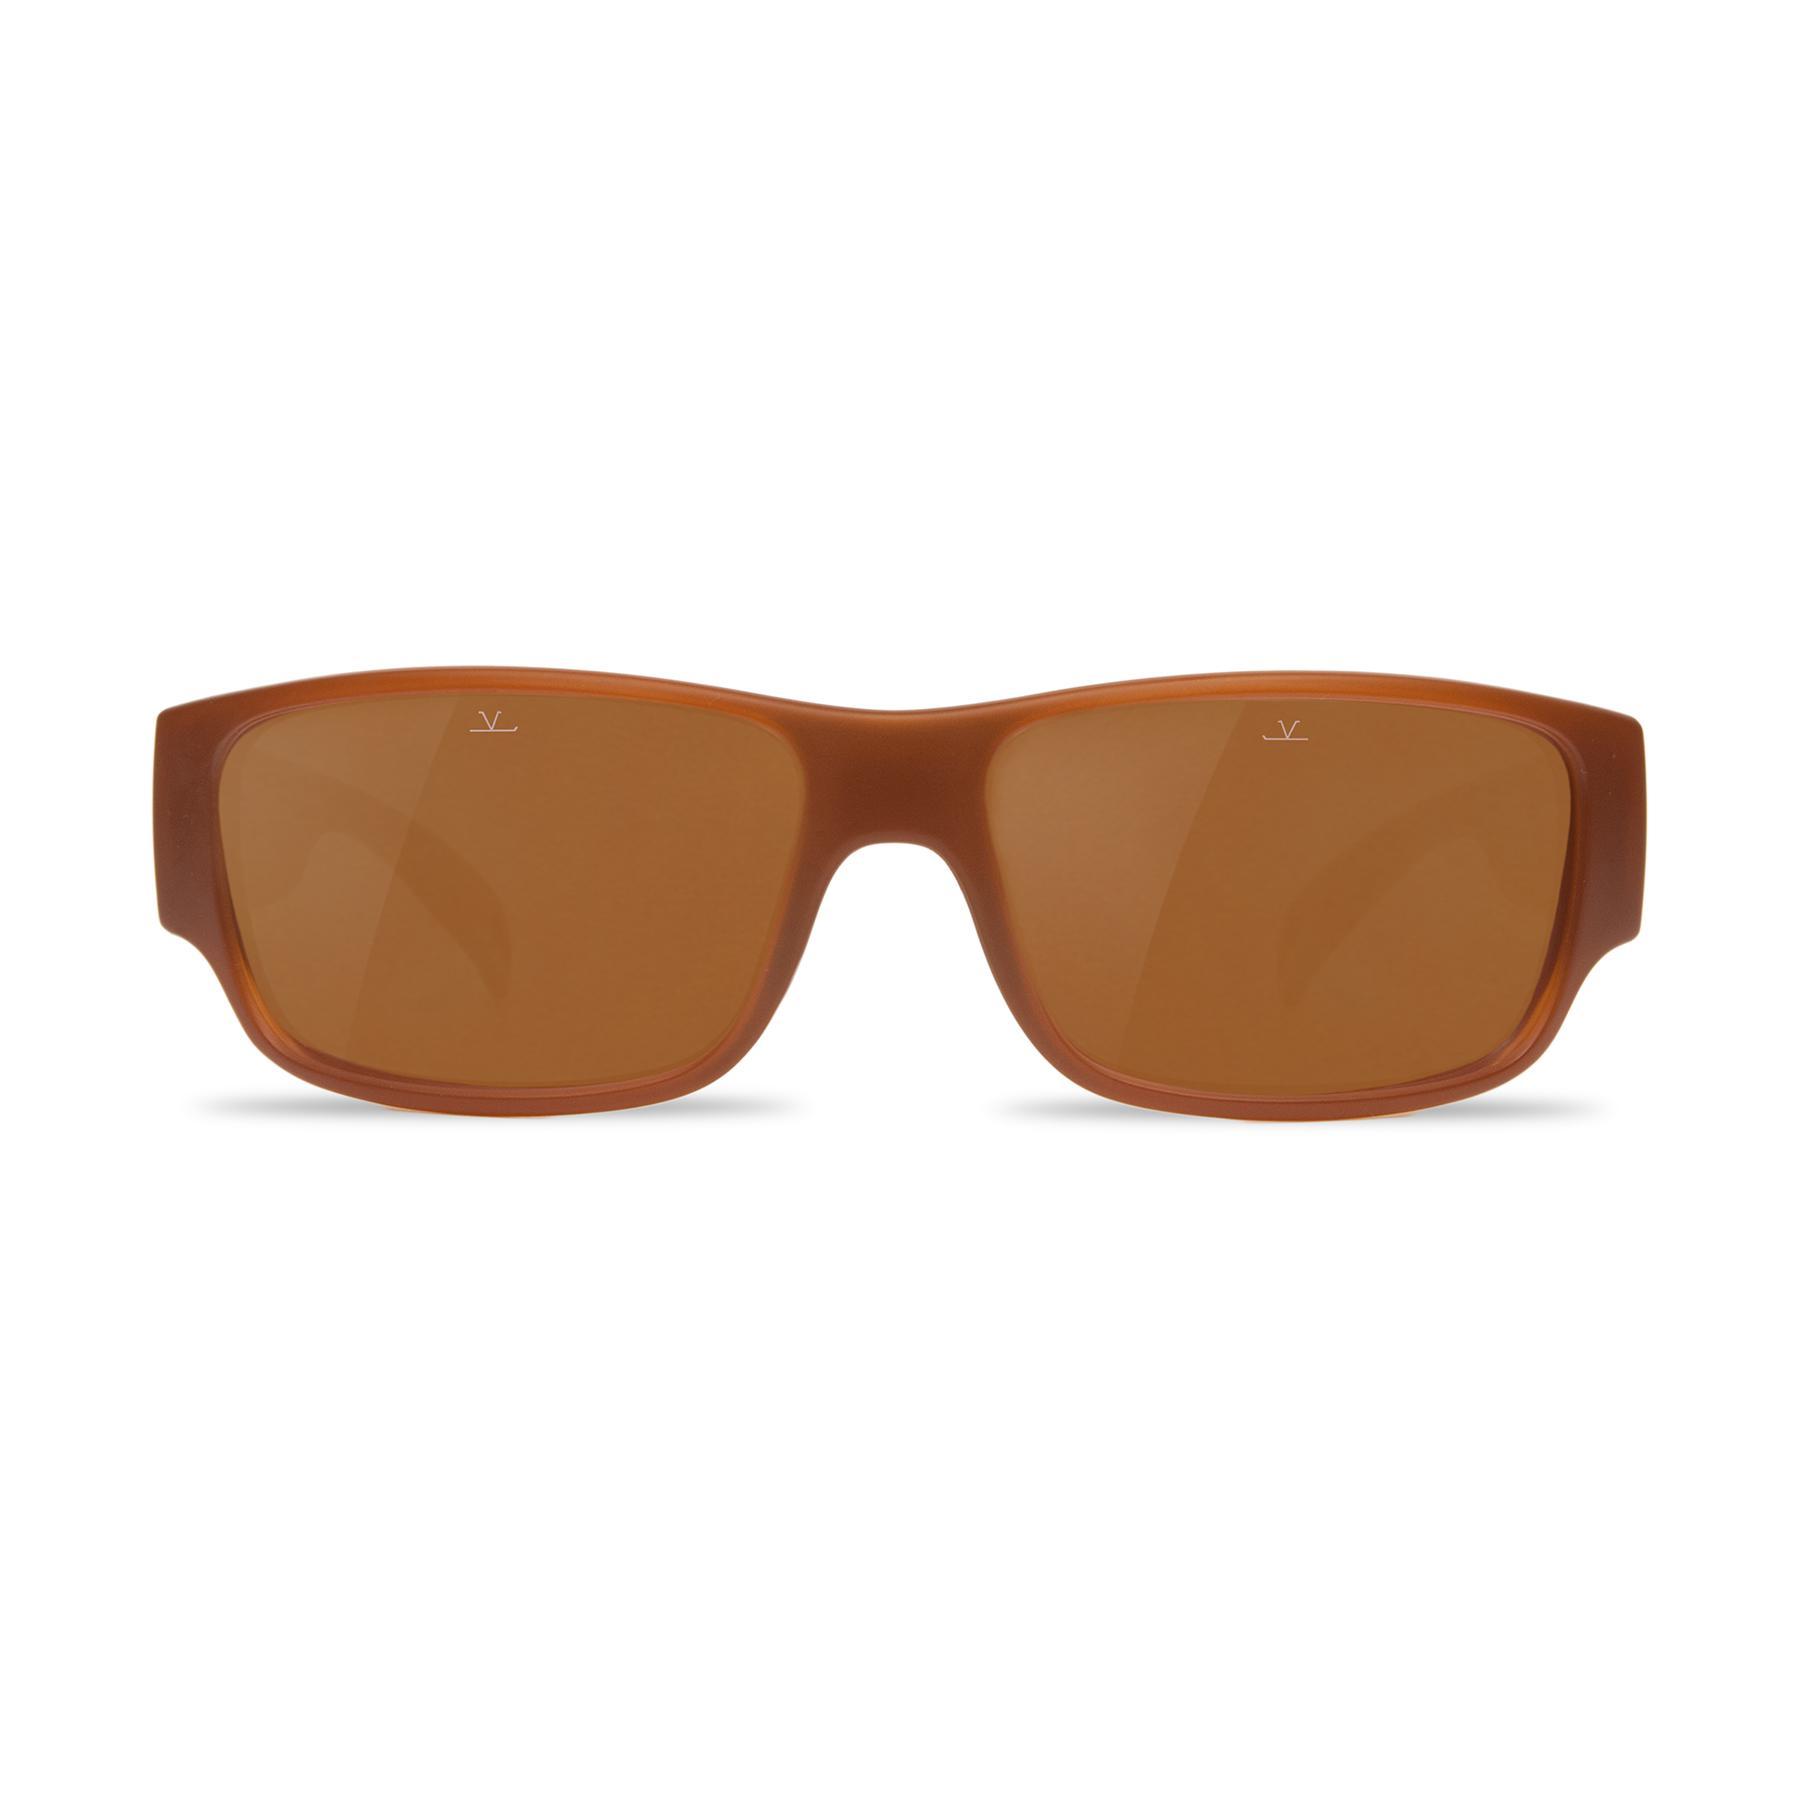 6e5e64758c Lyst - Vuarnet Polarized Sunglasses Rider Nylon Amber in Brown for Men